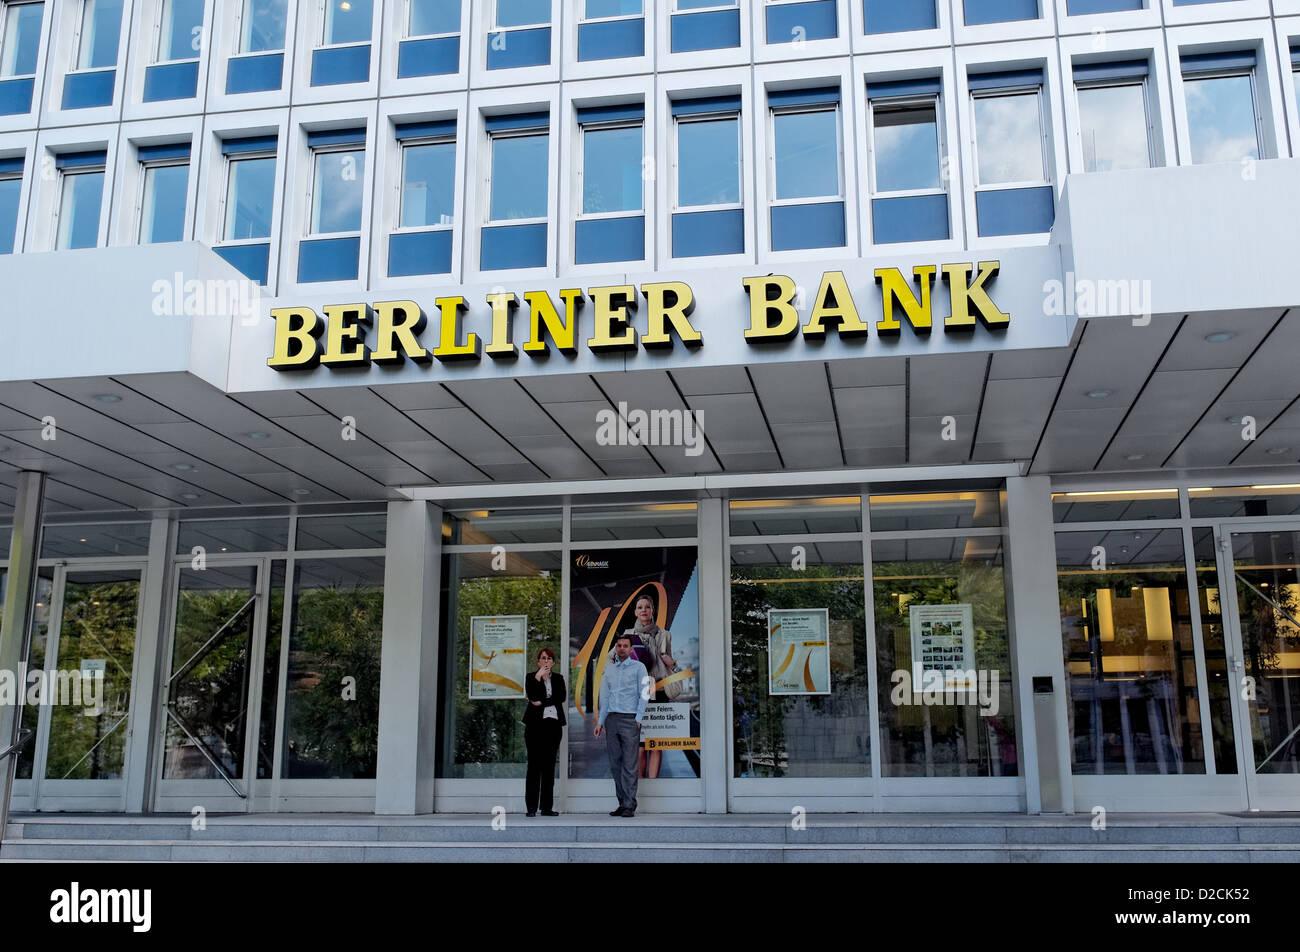 Zwei Personen stehen Rauchen außerhalb der Berliner Bank, Berlin Stockfoto